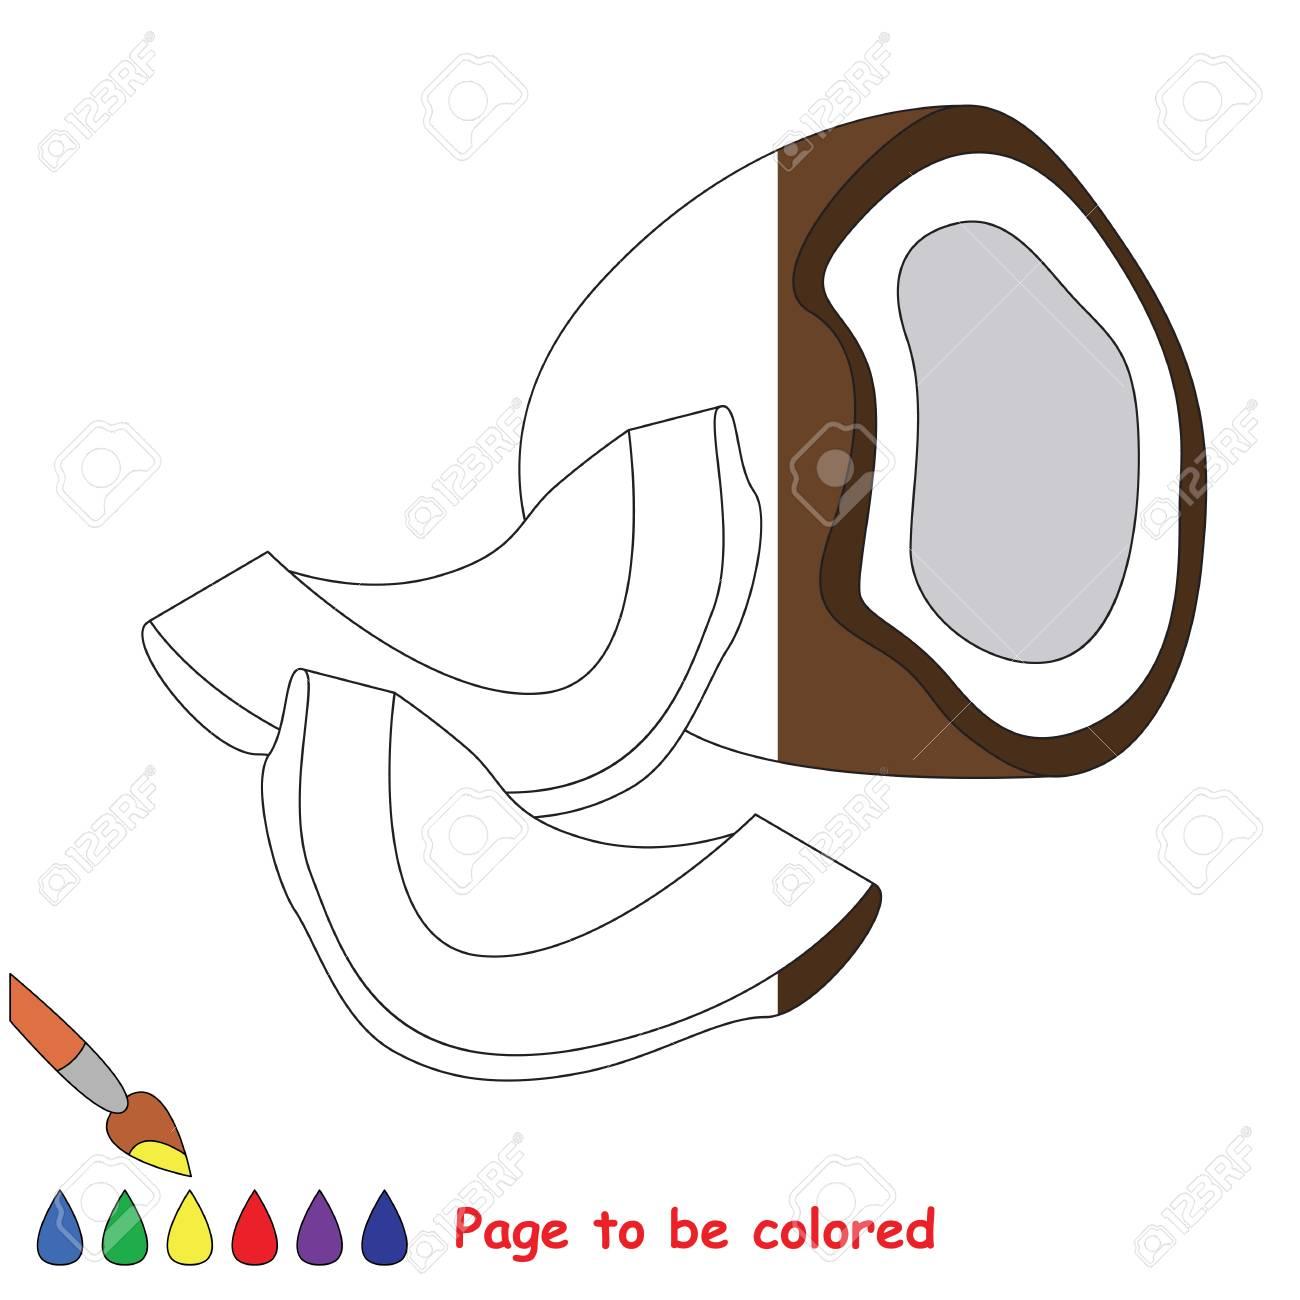 Coco Para Colorear El Libro Para Colorear Para Educar A Los Niños De Preescolar Con Juegos Educativos Fáciles Para Niños Y Educación Primaria De